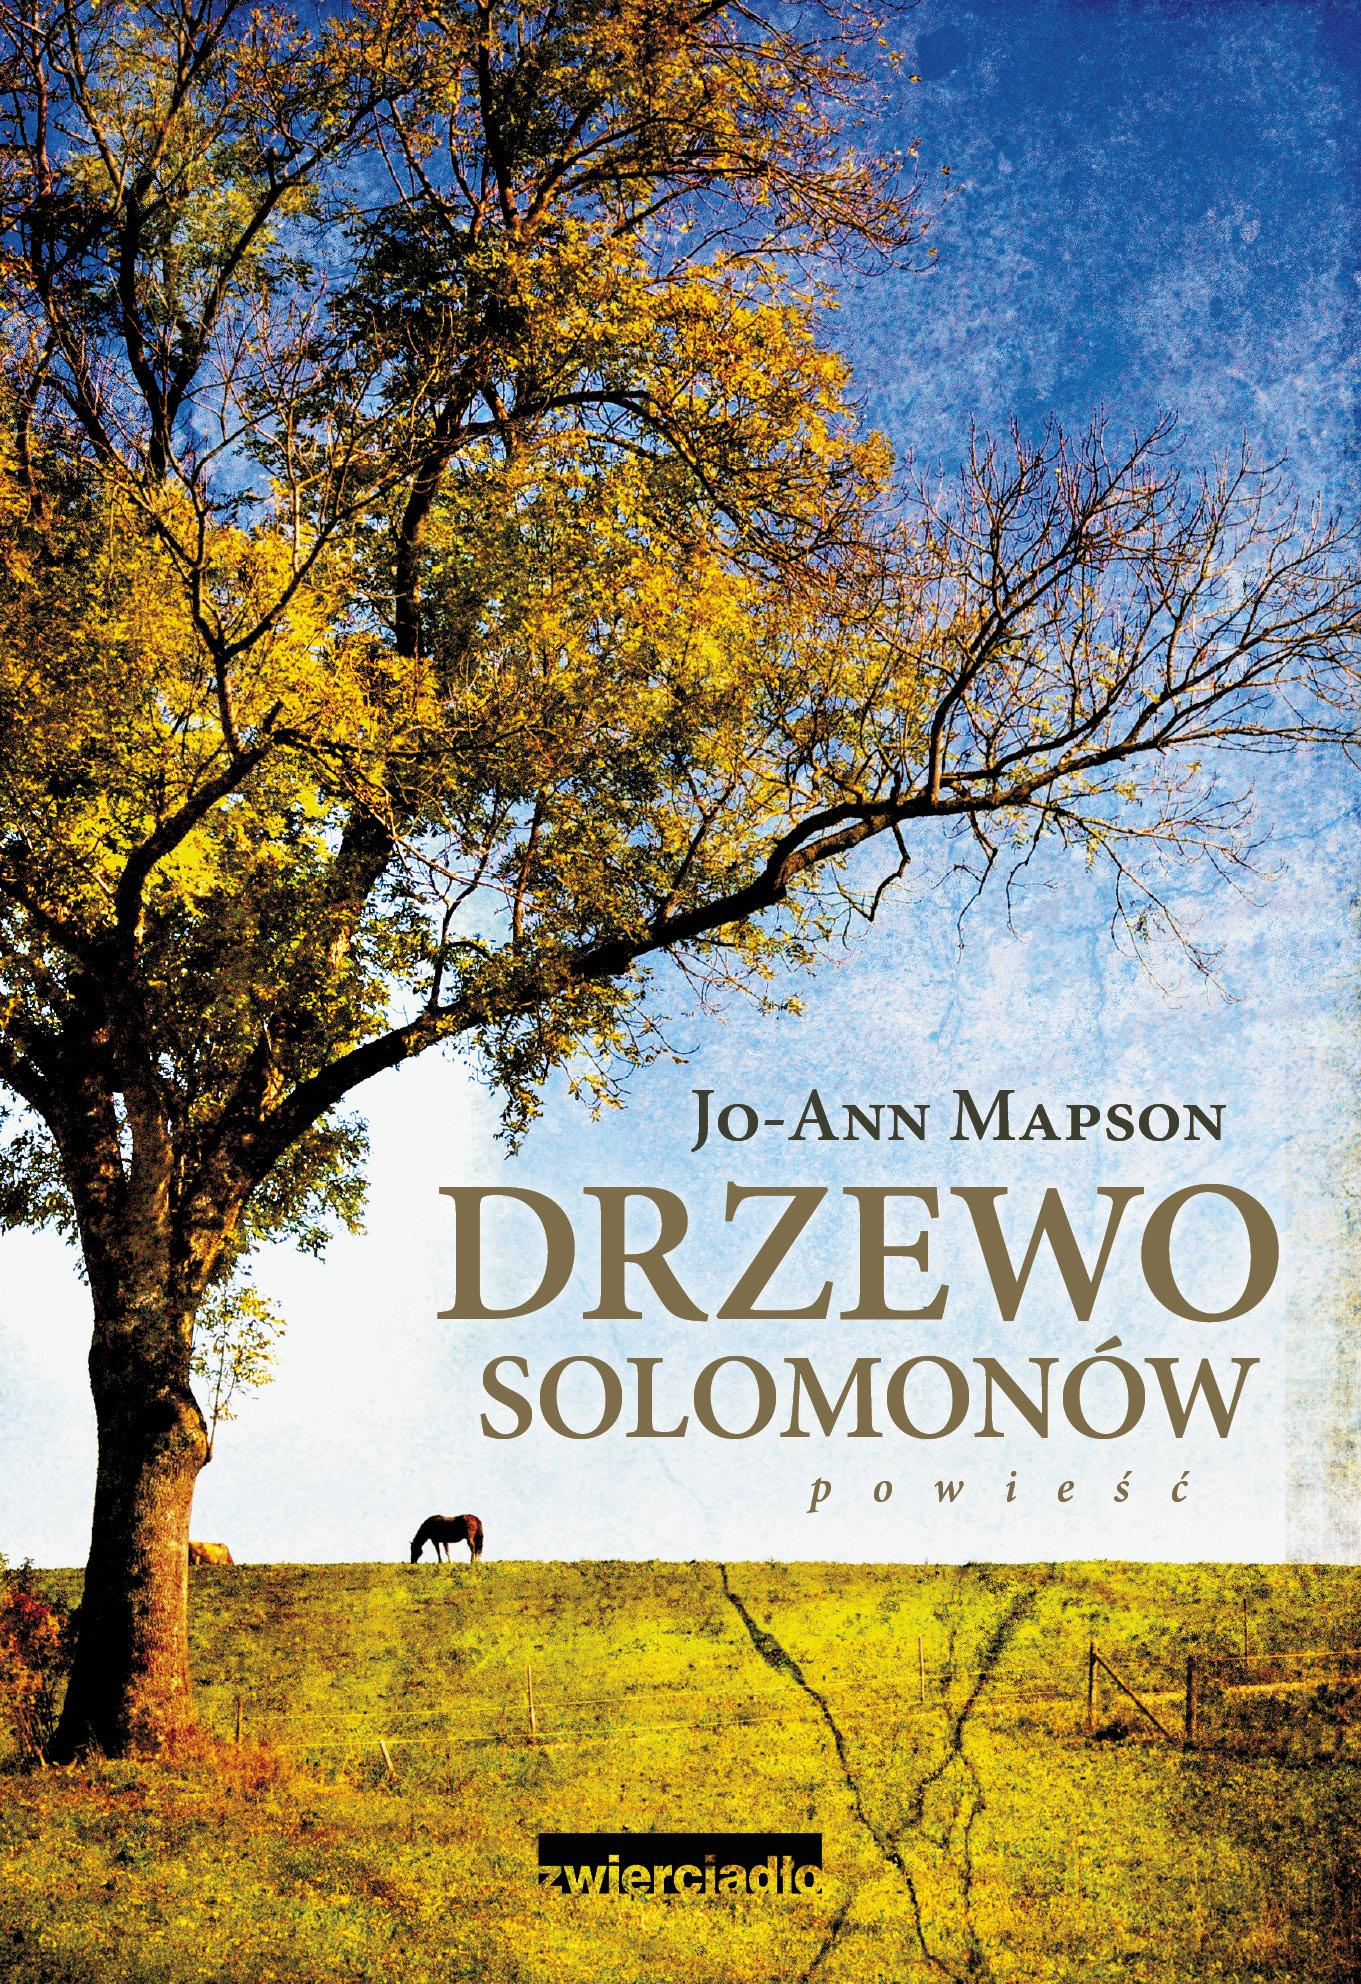 Drzewo solomonow okladka